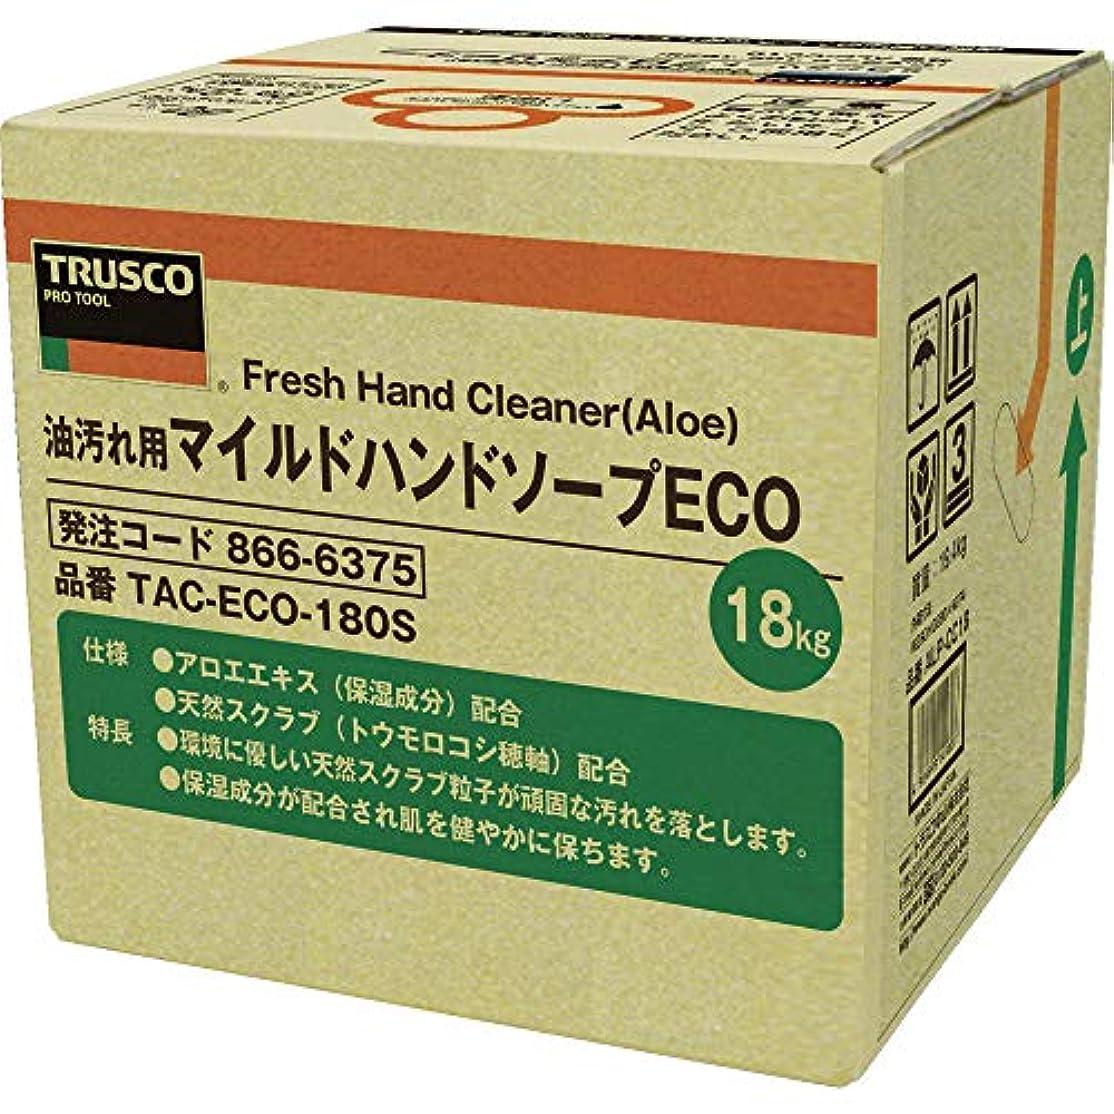 バナナ拷問危険を冒しますTRUSCO(トラスコ) マイルドハンドソープ ECO 18L 詰替 バッグインボックス TACECO180S